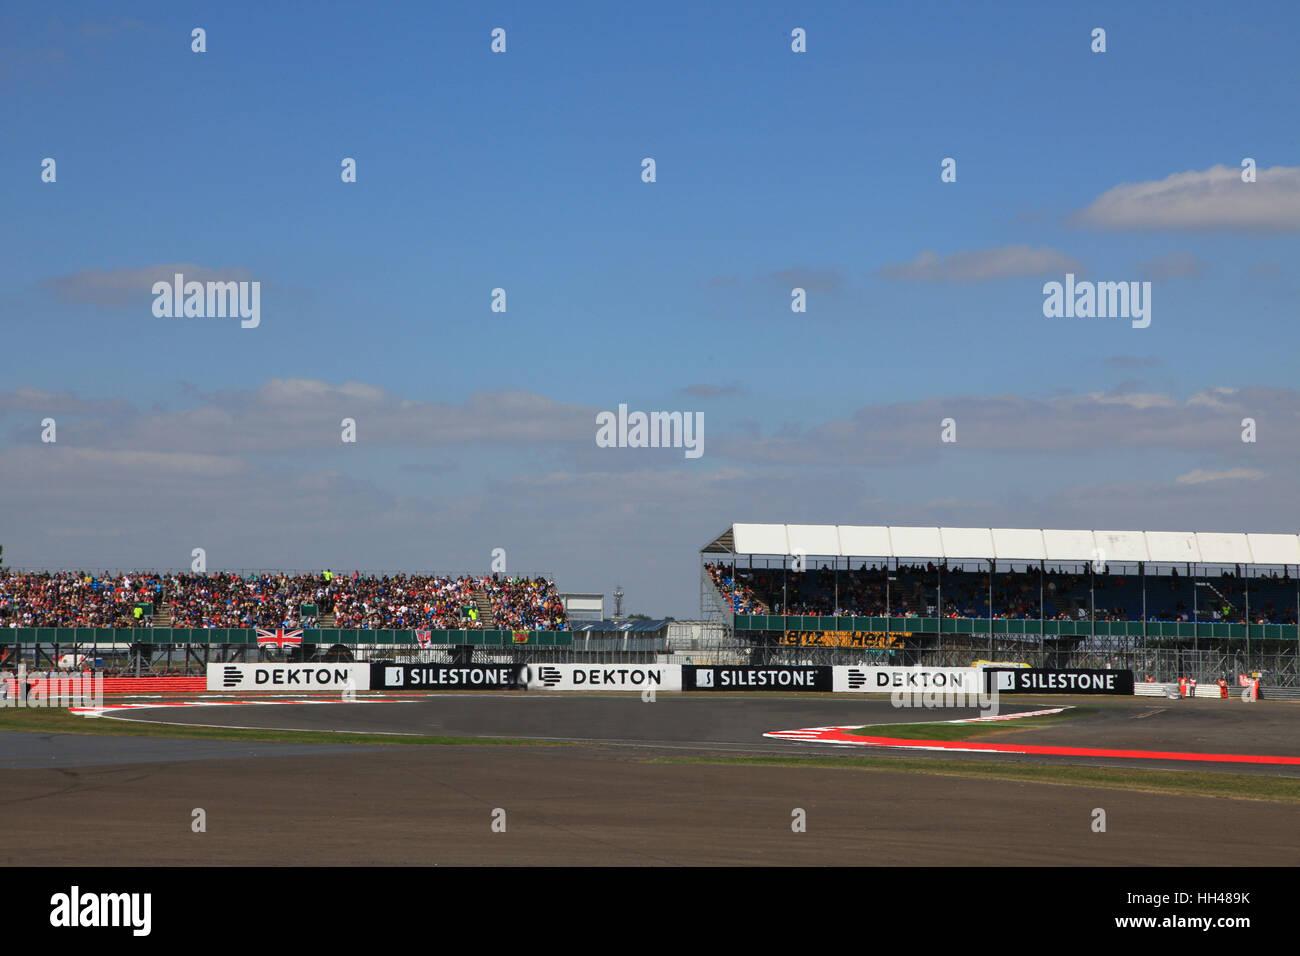 Silverstone motor racing circuit, Northants, UK - Stock Image